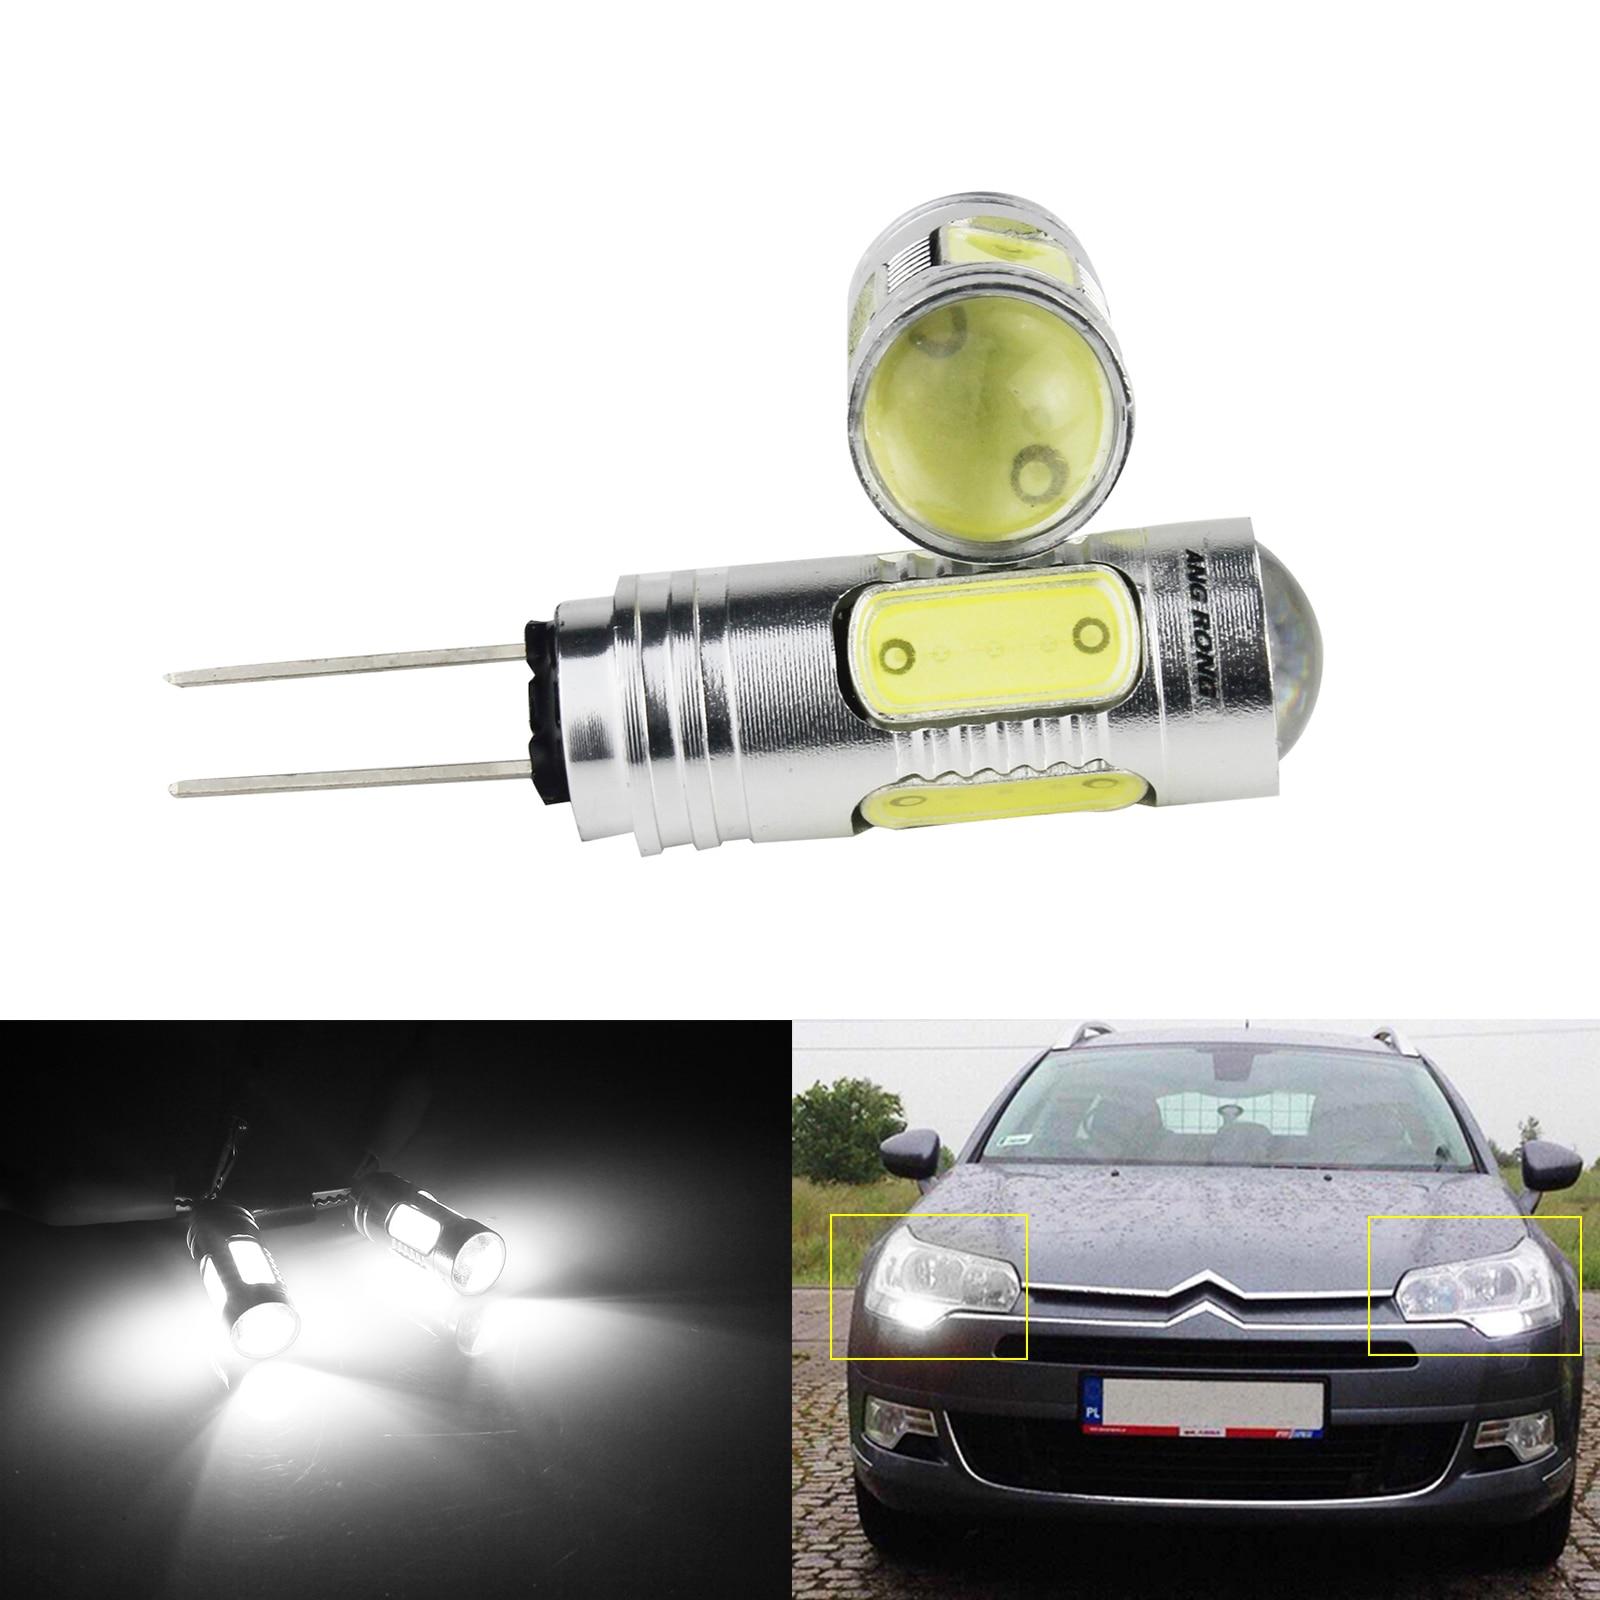 ANGRONG 2x Белый HP24W HPY24W G4 удара светодио дный лампы боковые индикатор днем ходовые огни лампы для peugeot 3008 5008 Цитрон